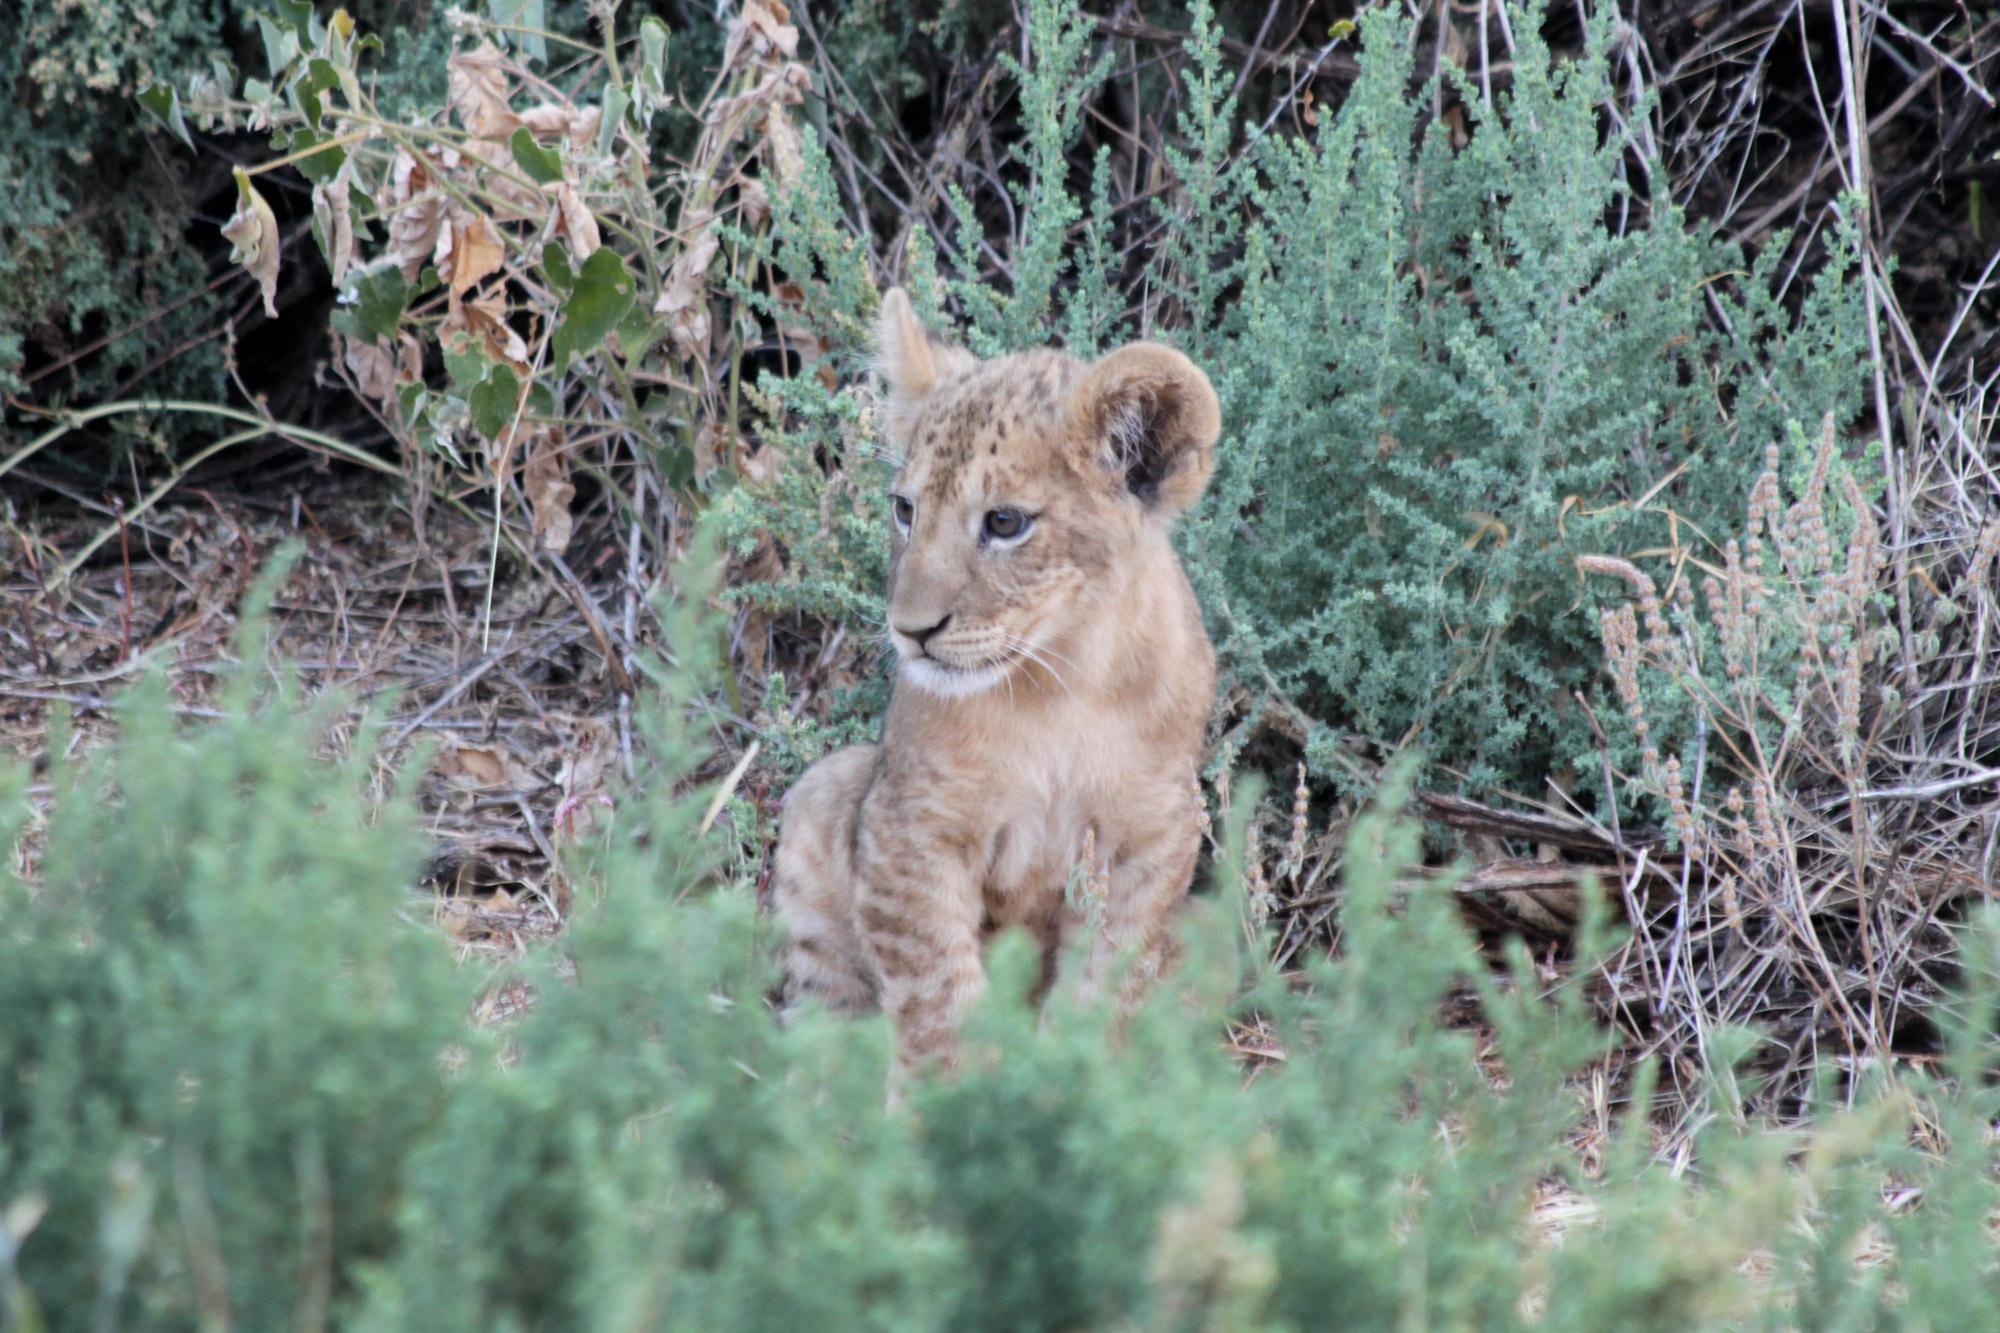 Werelddierendag, 9 bijzondere ontmoetingen met dieren - Leeuwenwelpje